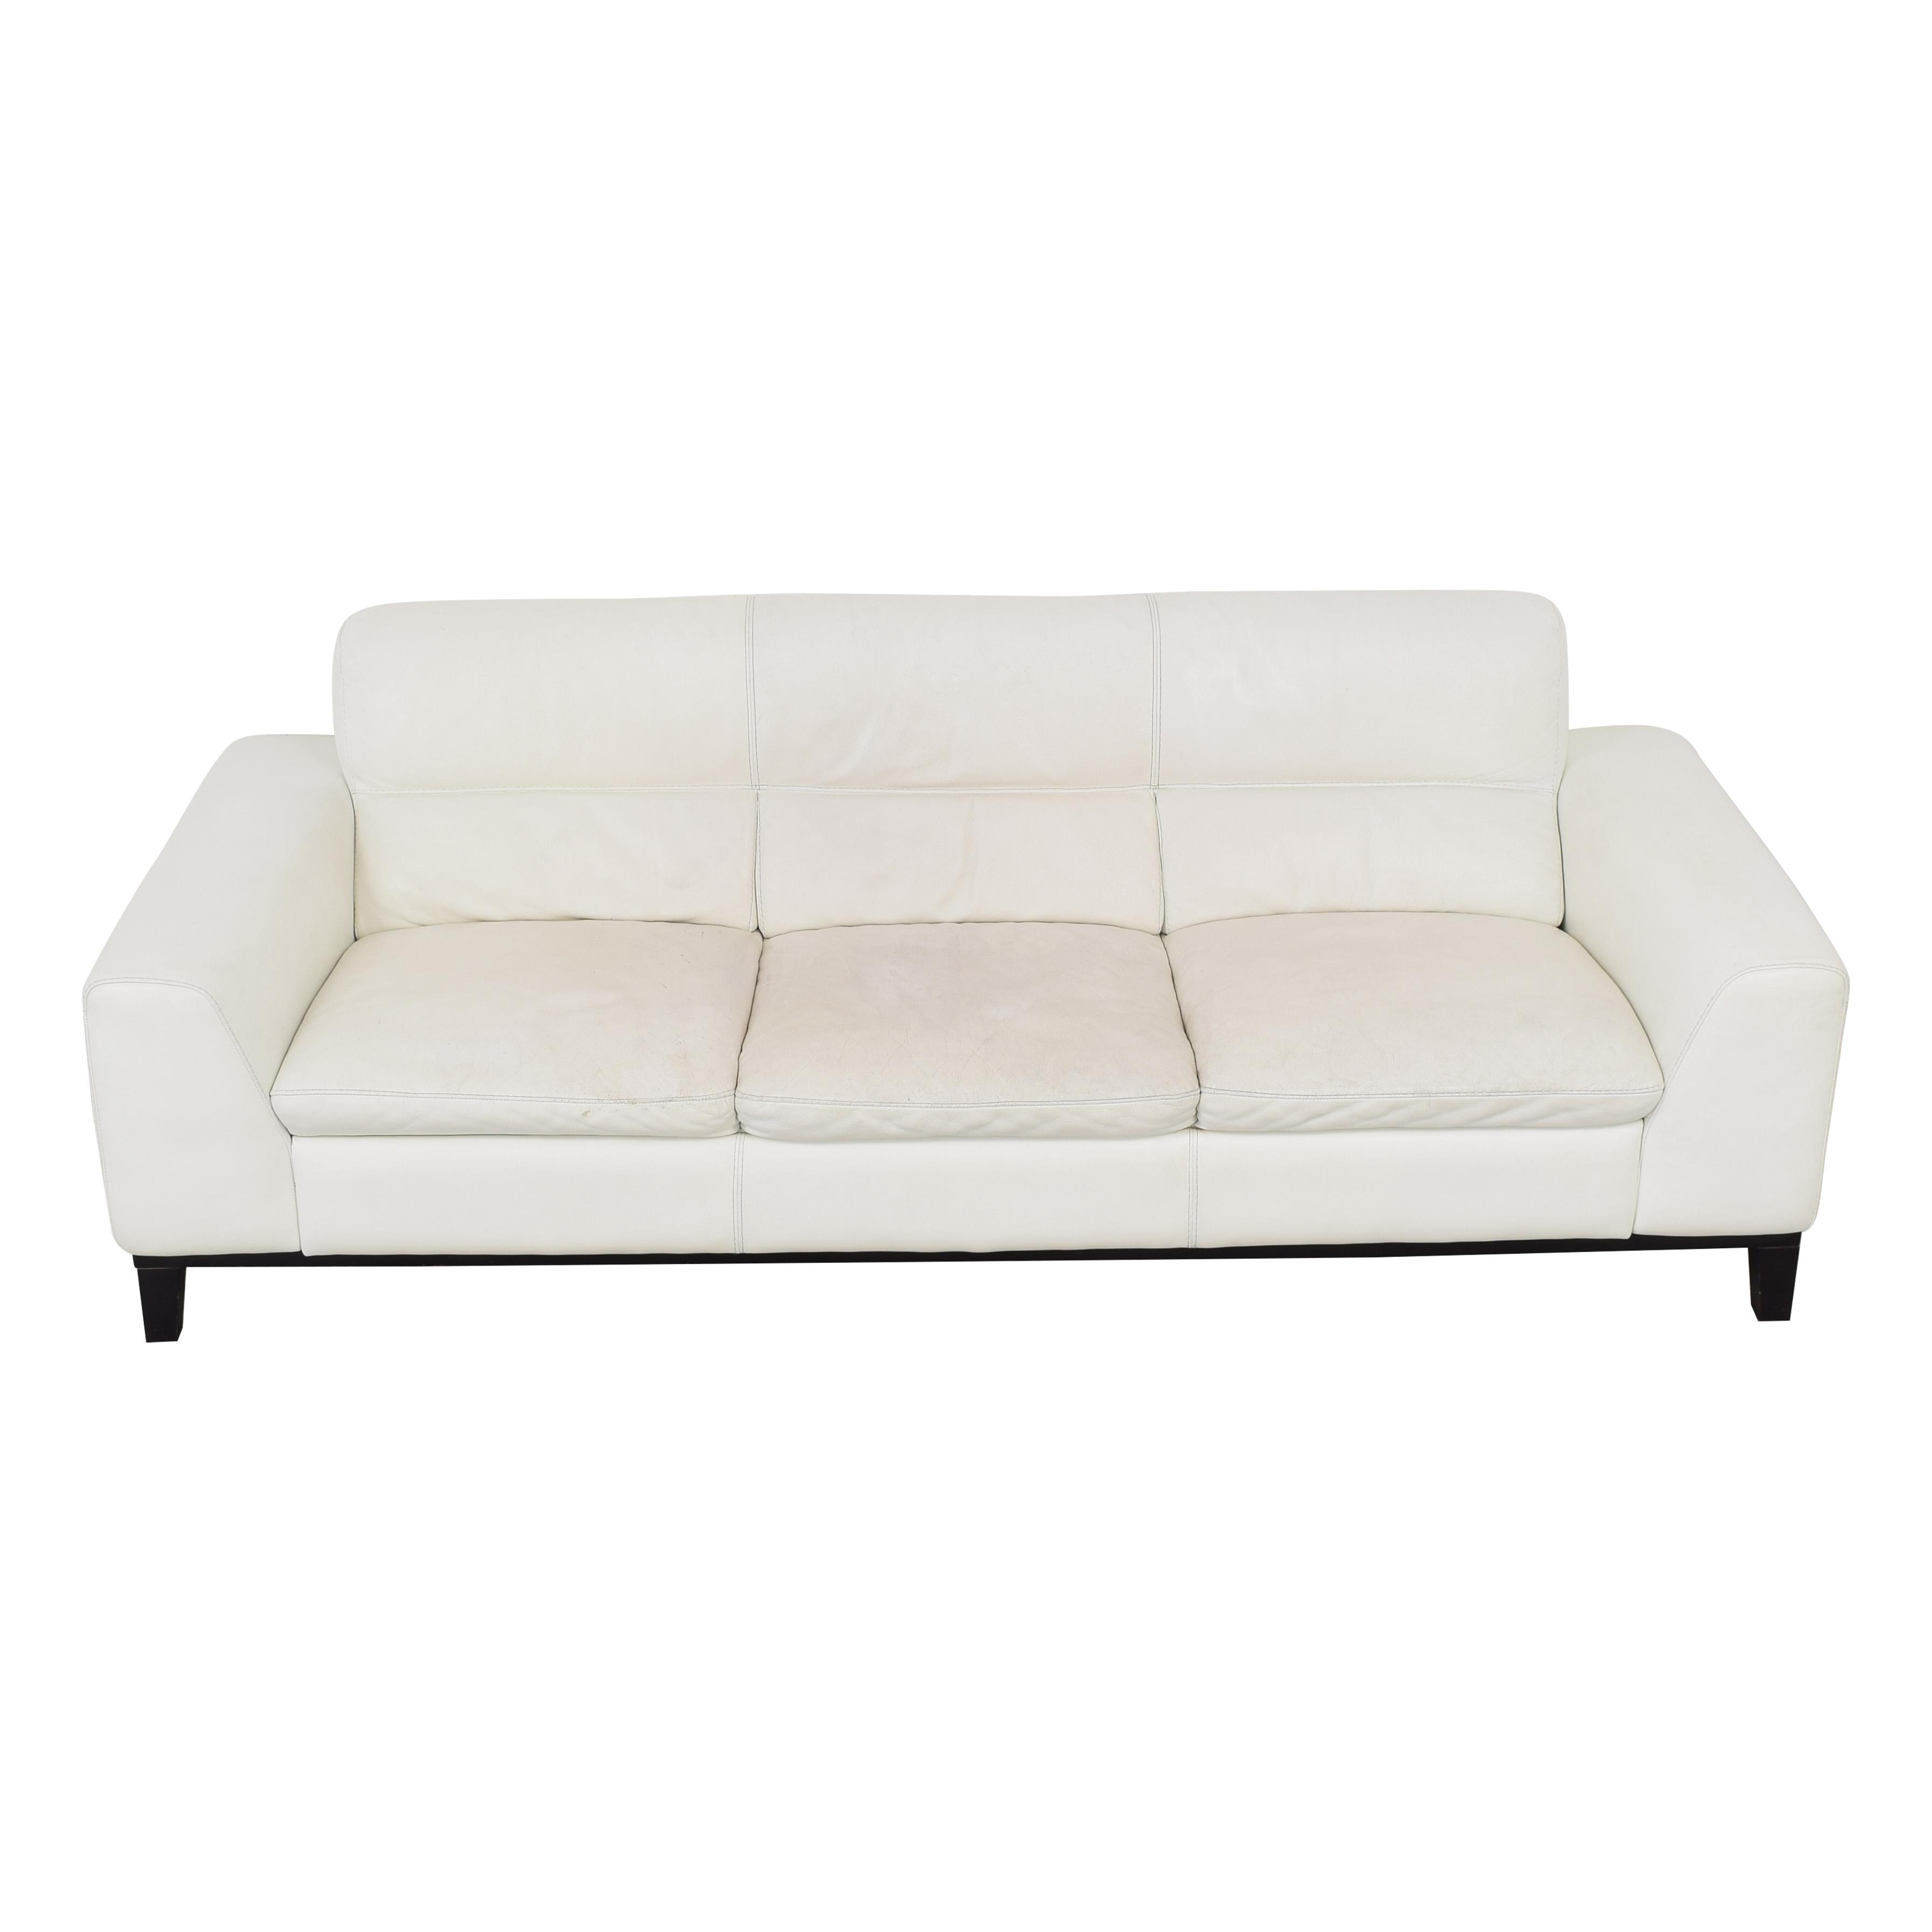 Calia Italia Calia Italia Soho 3-Seat Leather Couch nj